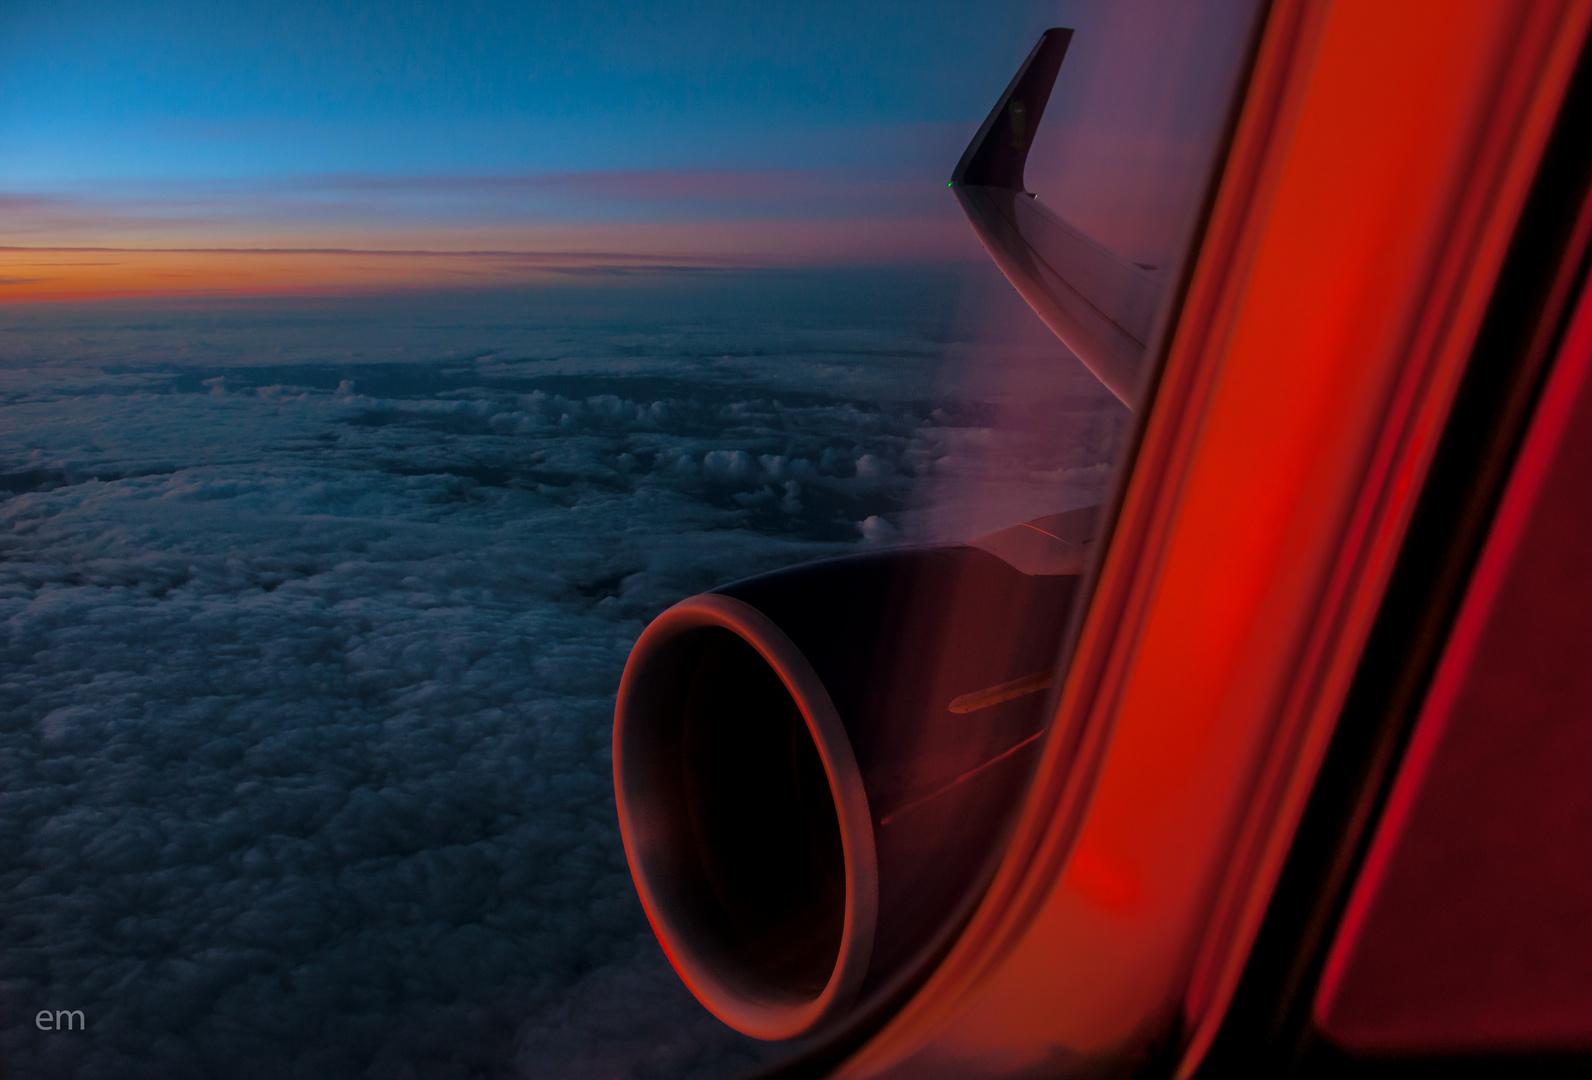 --- Condor Flug Nr.: DE 5249 / I ---